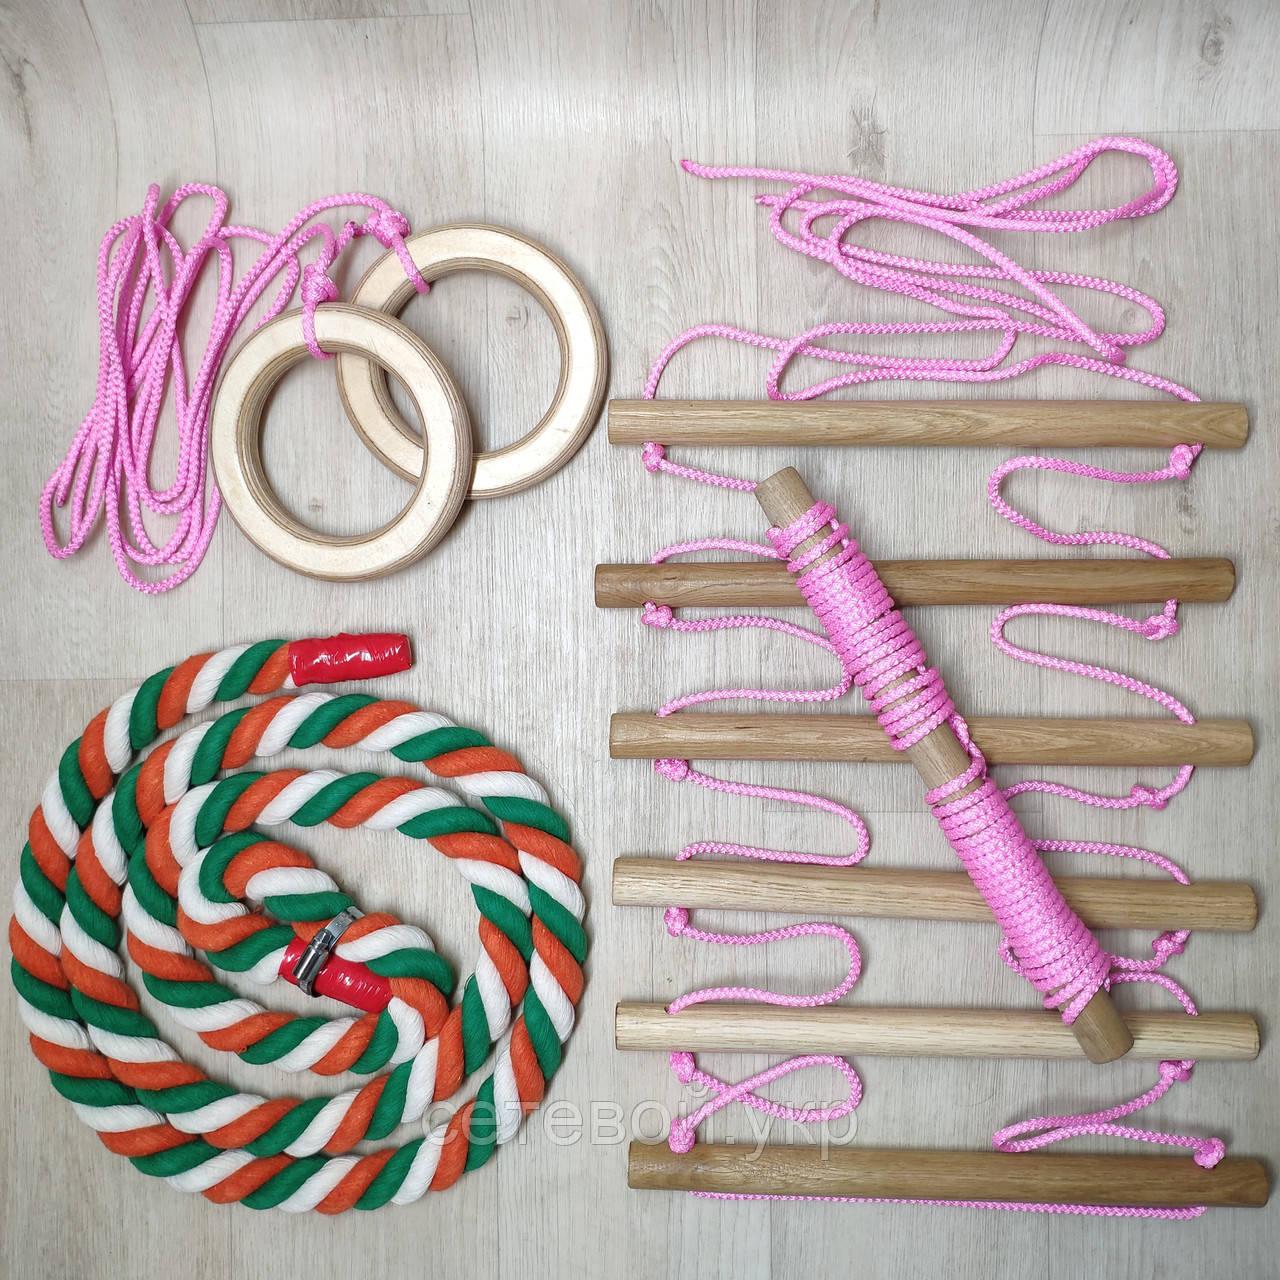 Набор детский розовый для шведской стенки Канат (радуга) Кольца, Лестница, Трапеция